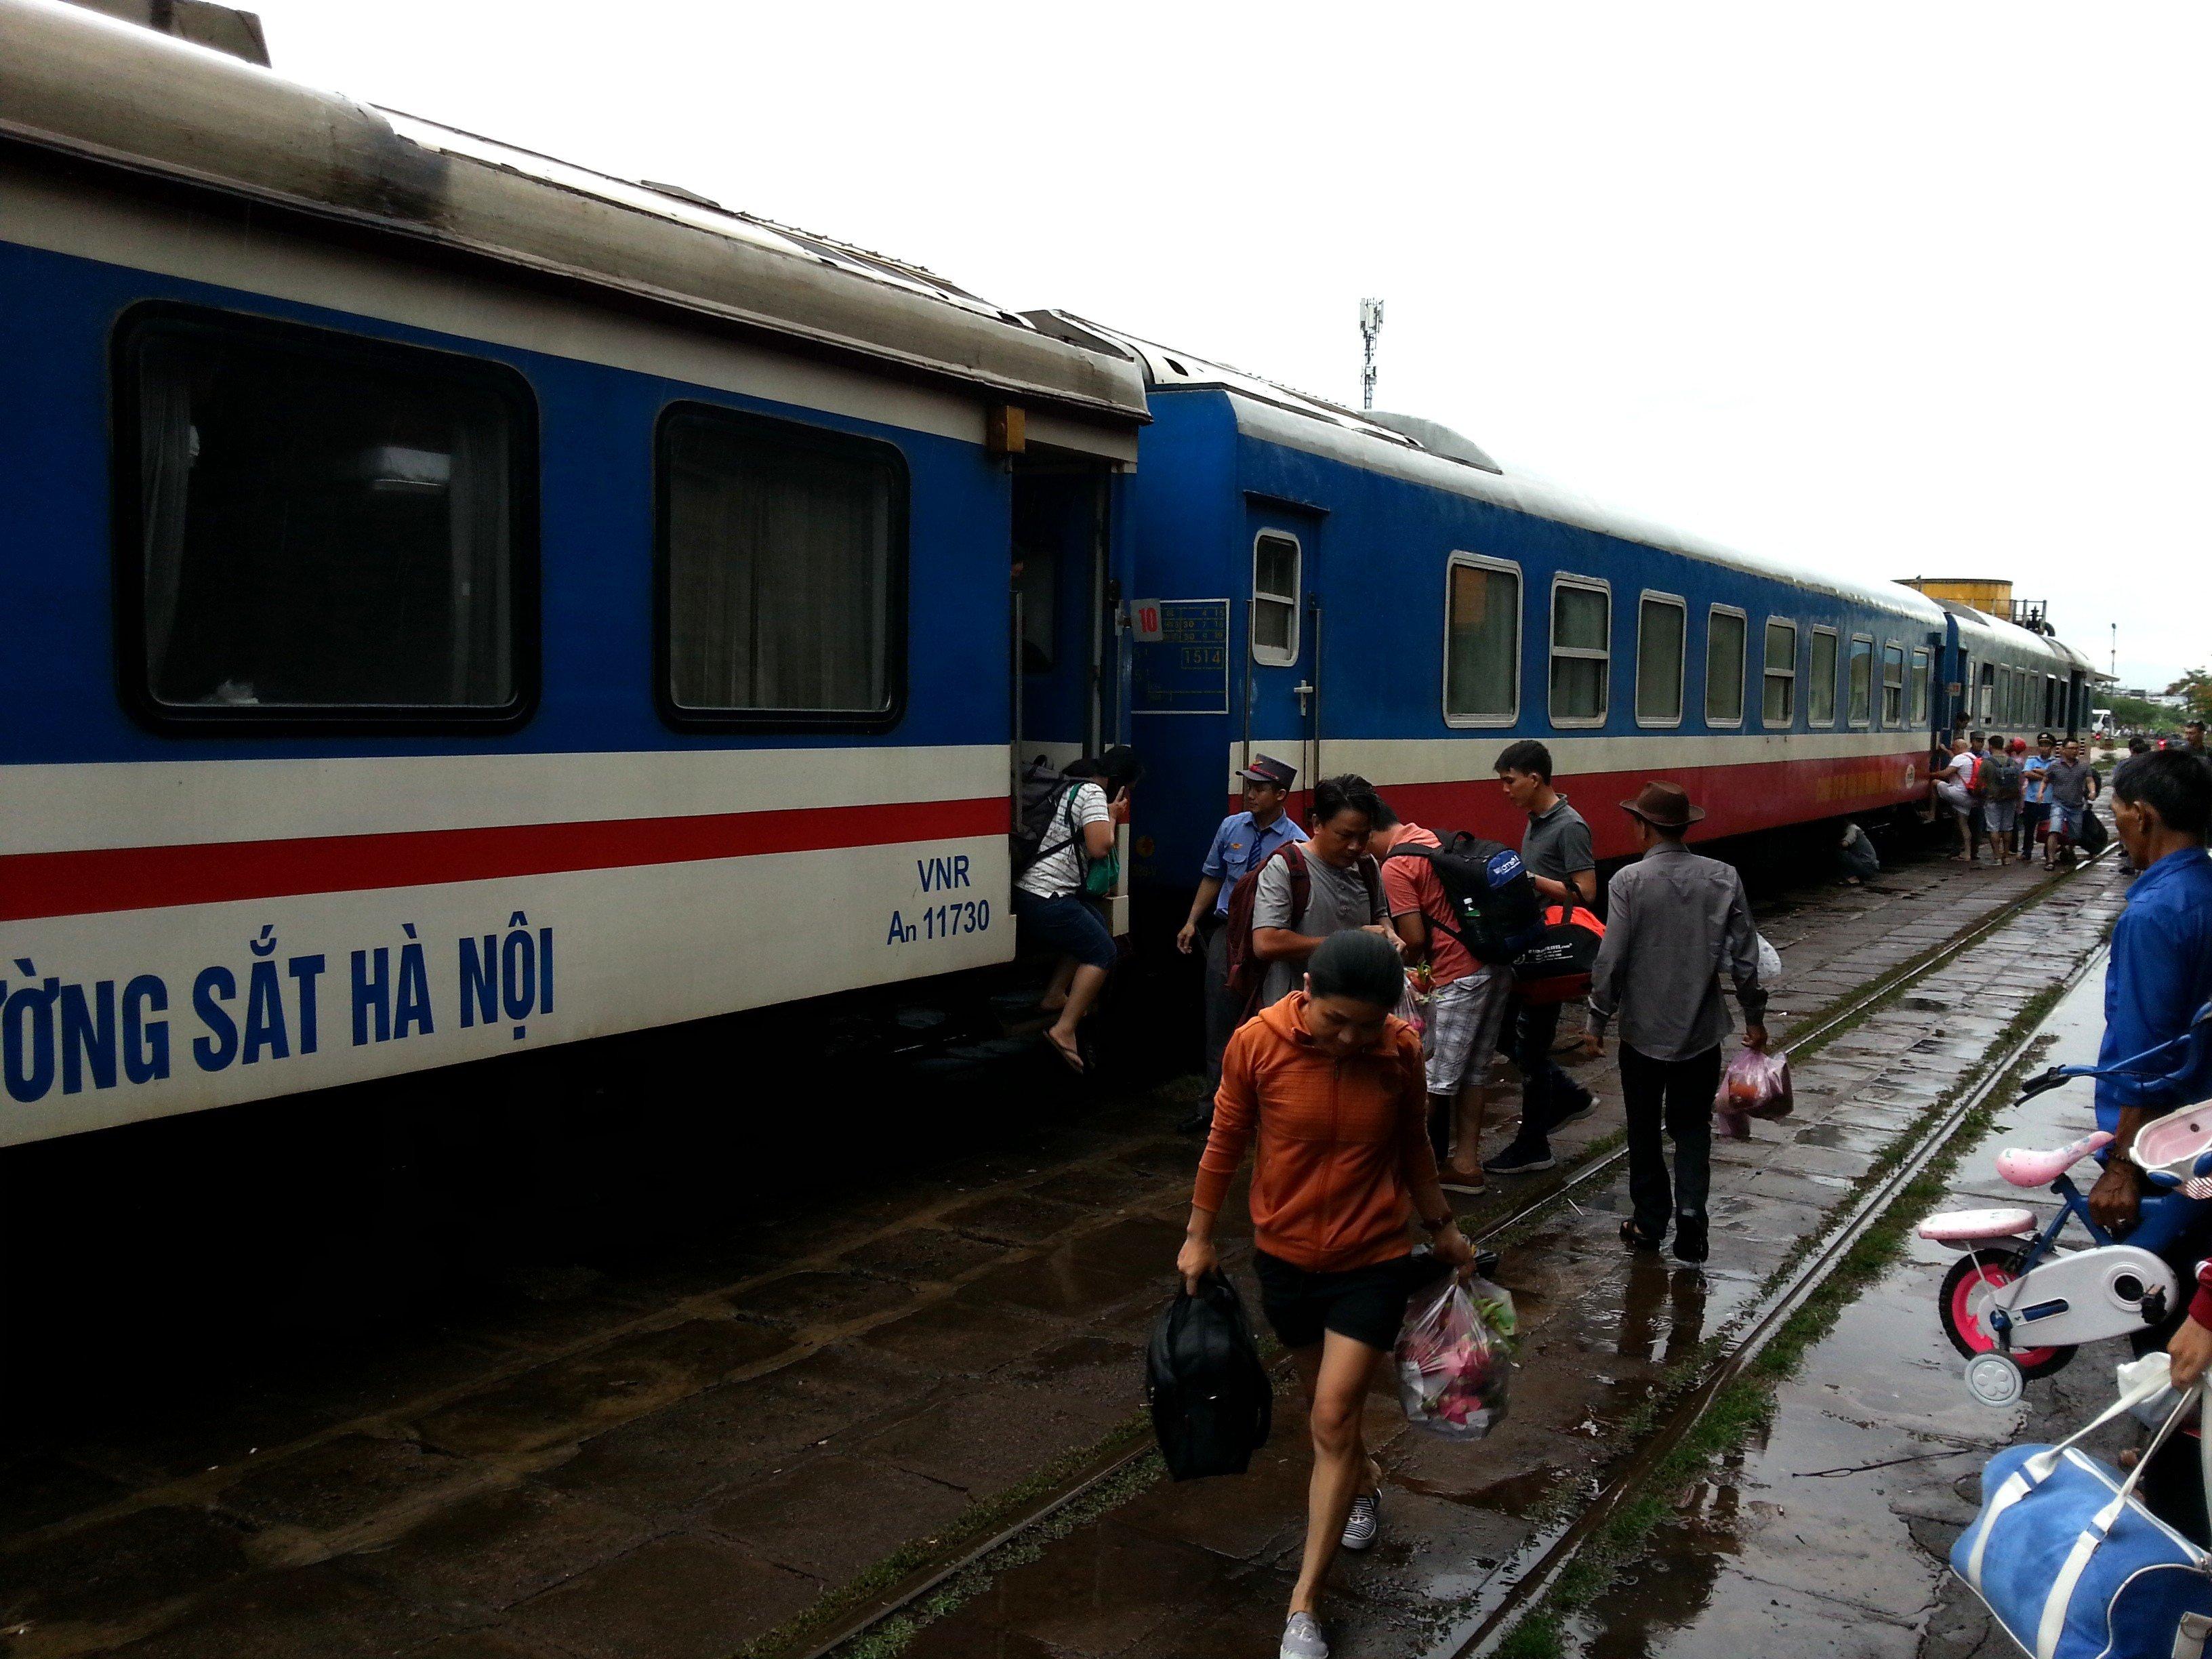 Train #SE6 at Nha Trang Station